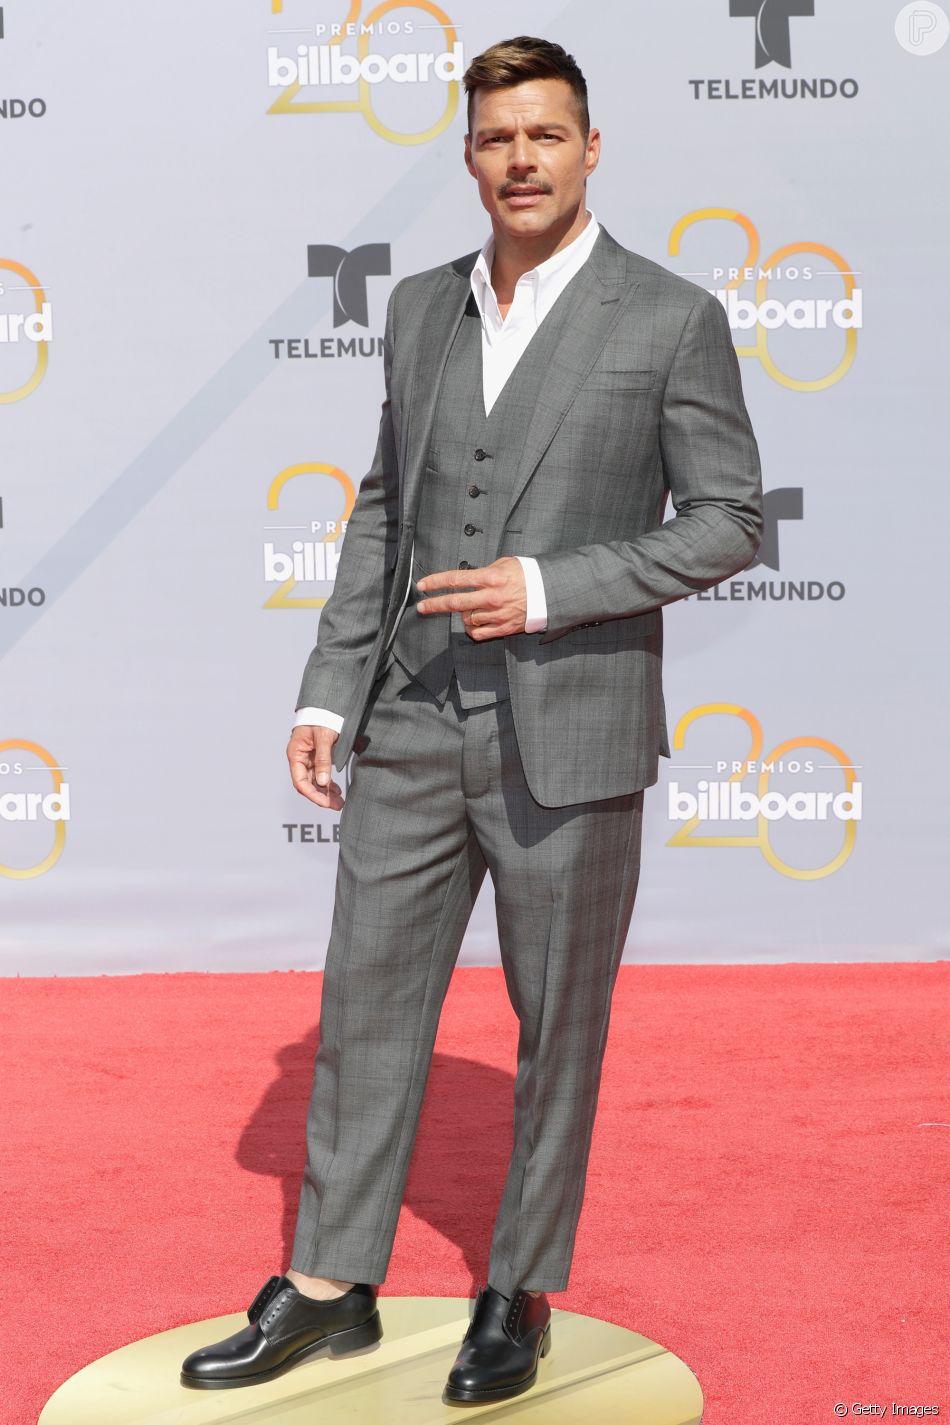 Ricky Martin entregou desejo para futuro dos filhos gêmeos, Matteo e Valentino, de 9 anos